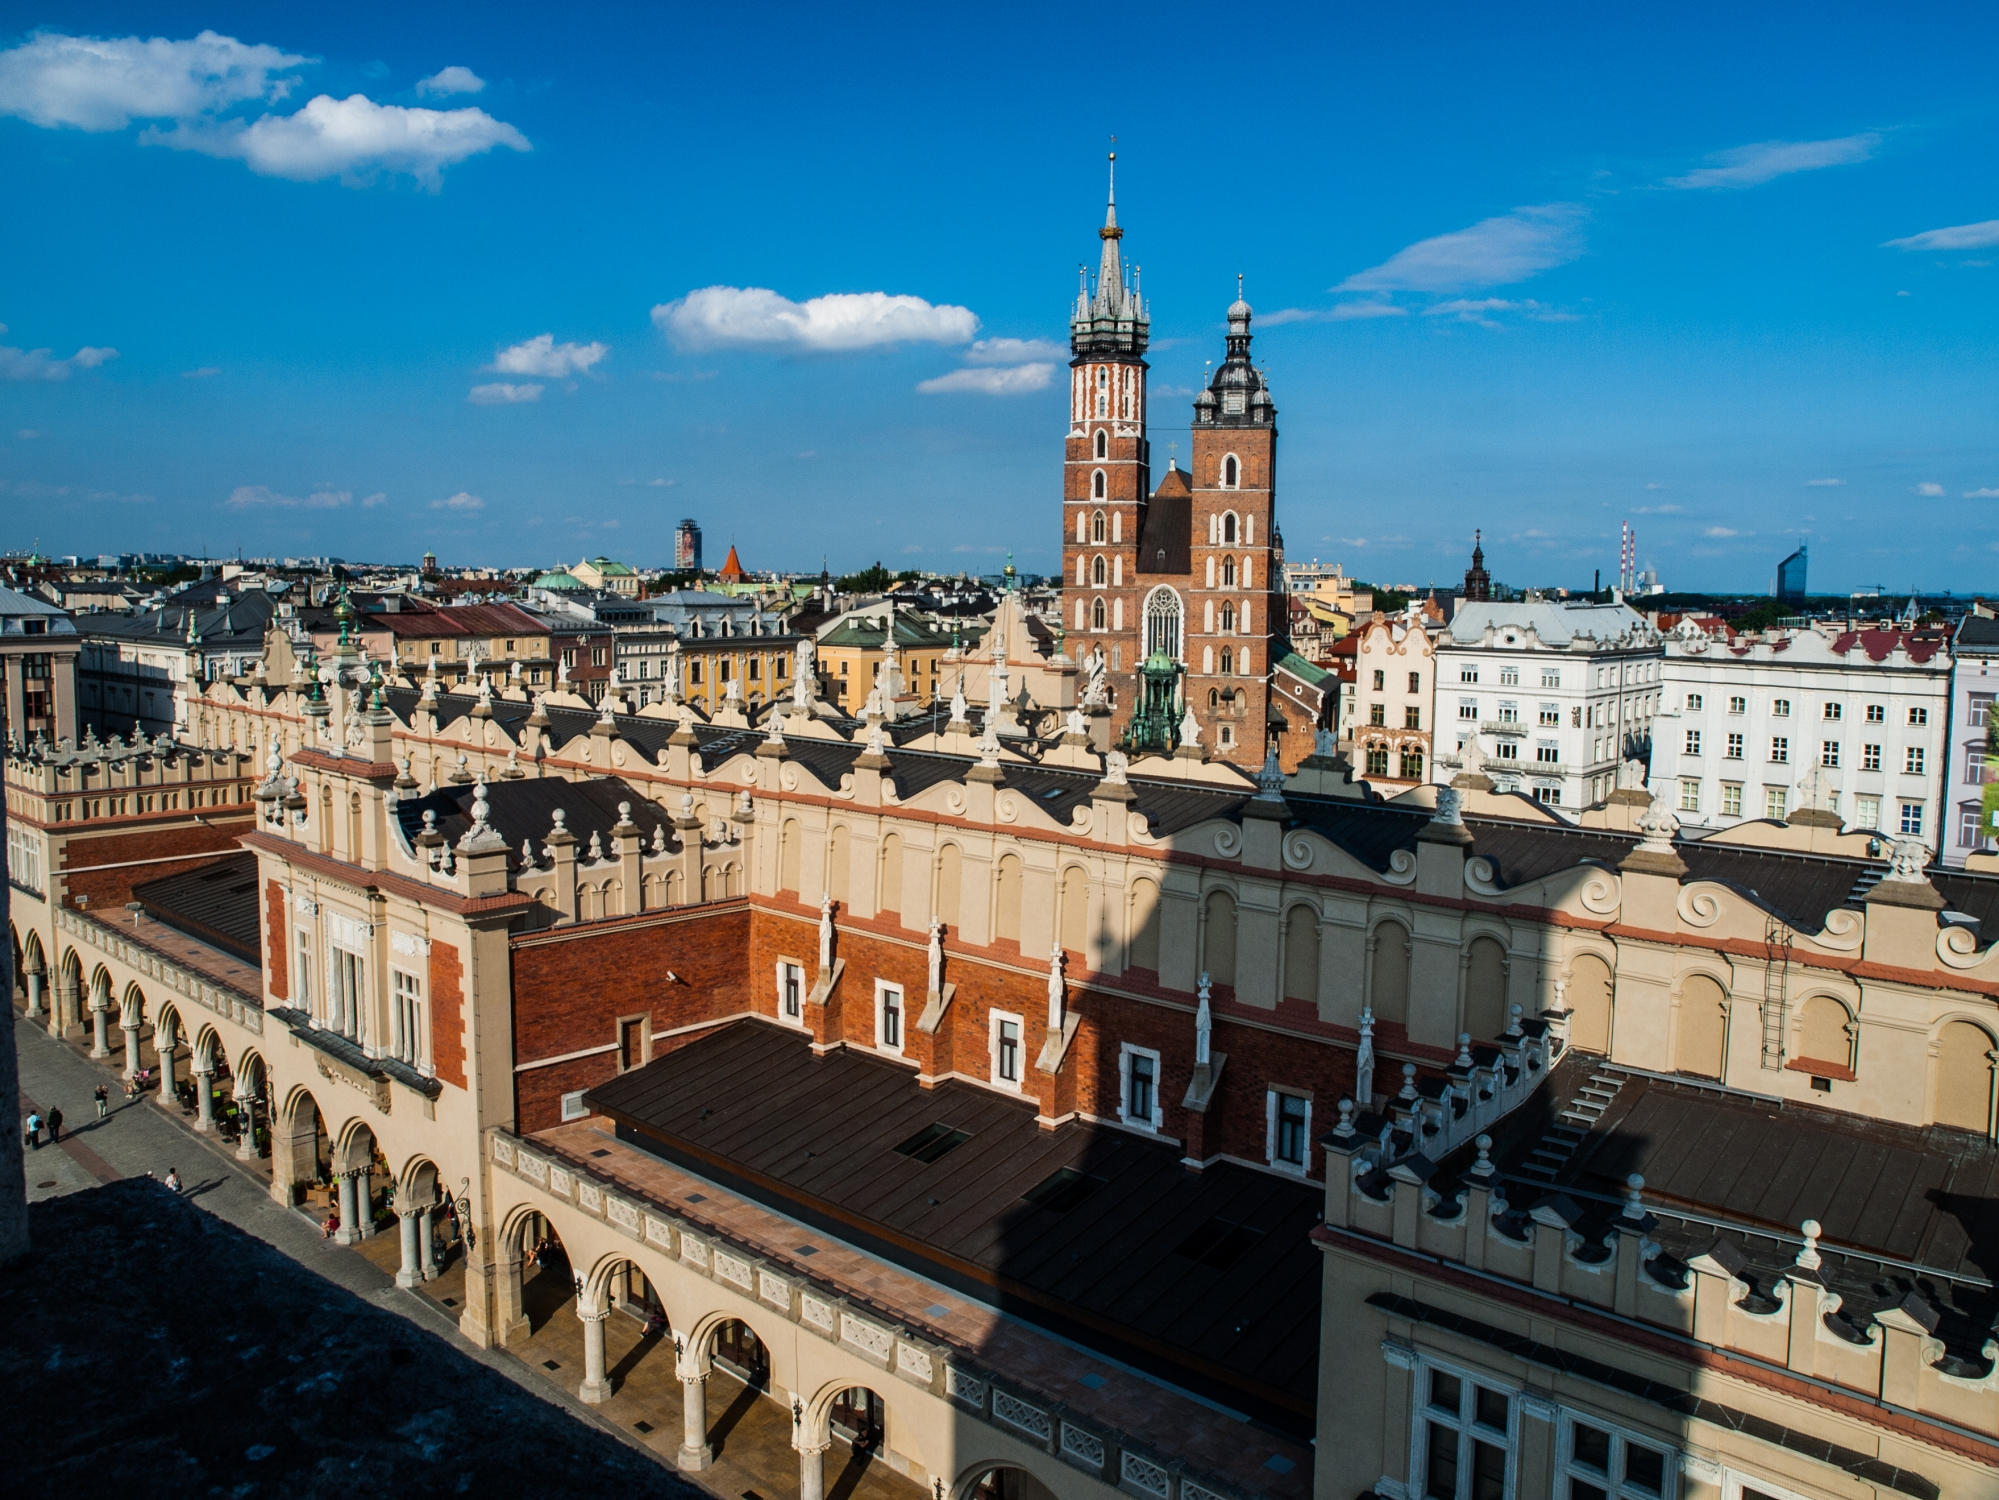 Wochenende In Krakau 3 Tage Im 3 Hotel Mit Fruhstuck Nur 50